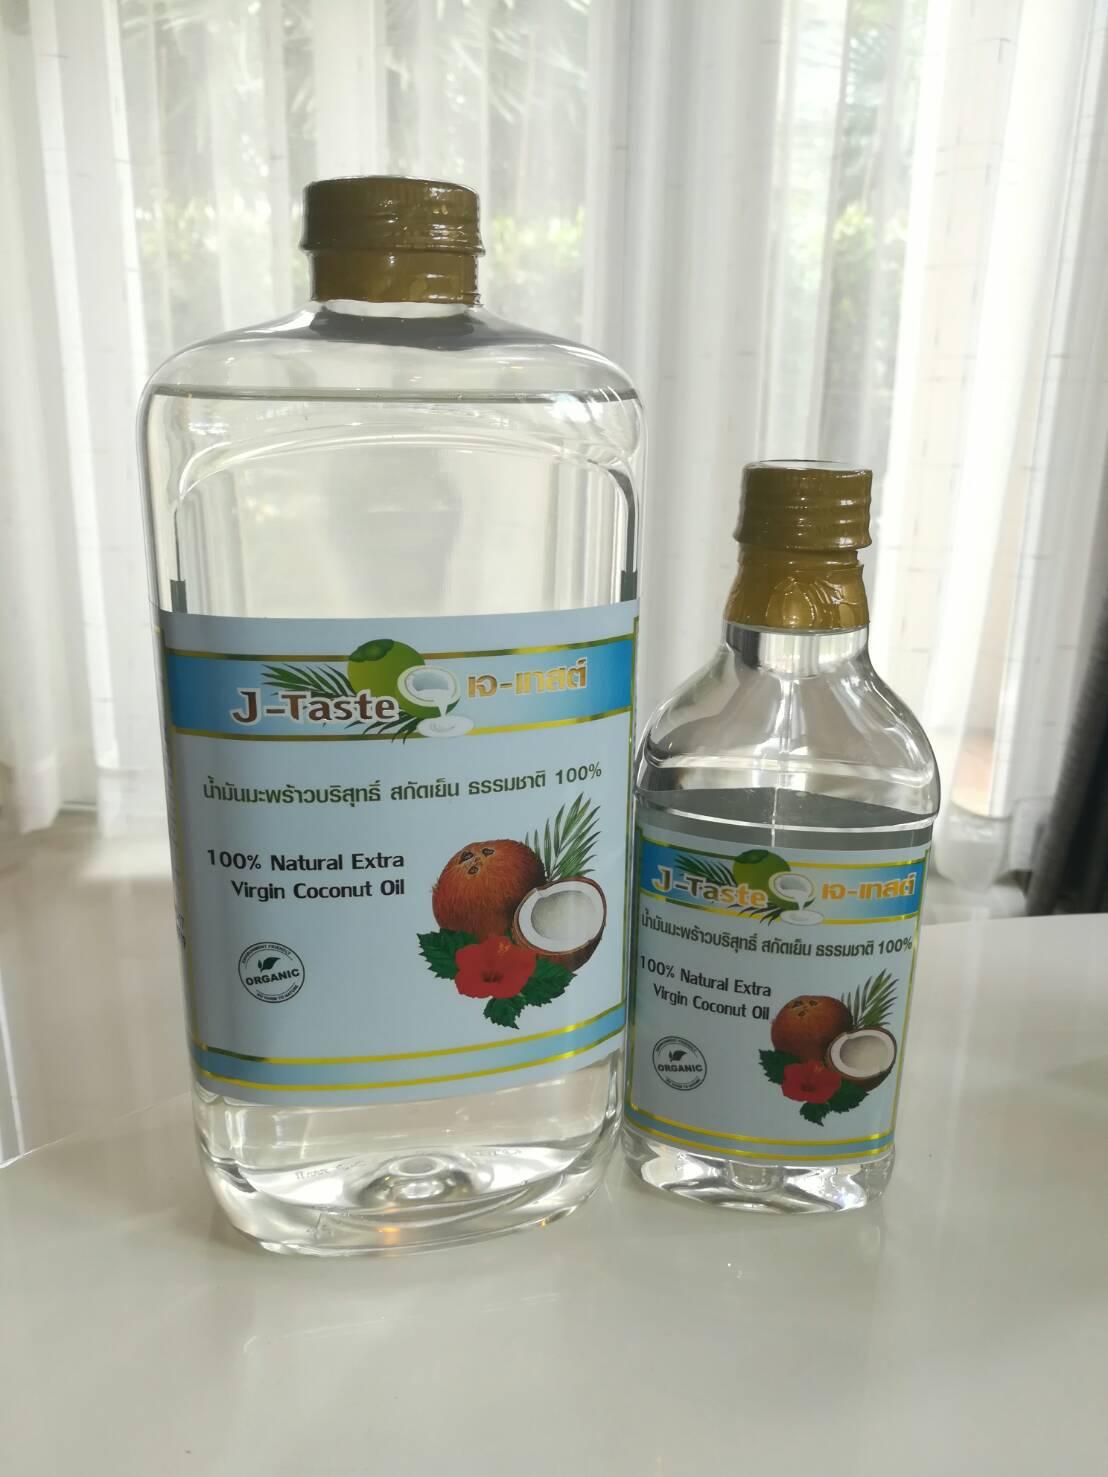 น้ำมันมะพร้าวบริสุทธิ์ สกัดเย็น ธรรมชาติ 100% เจ-เทสต์ ขนาด1 ลิตร+250 มล.